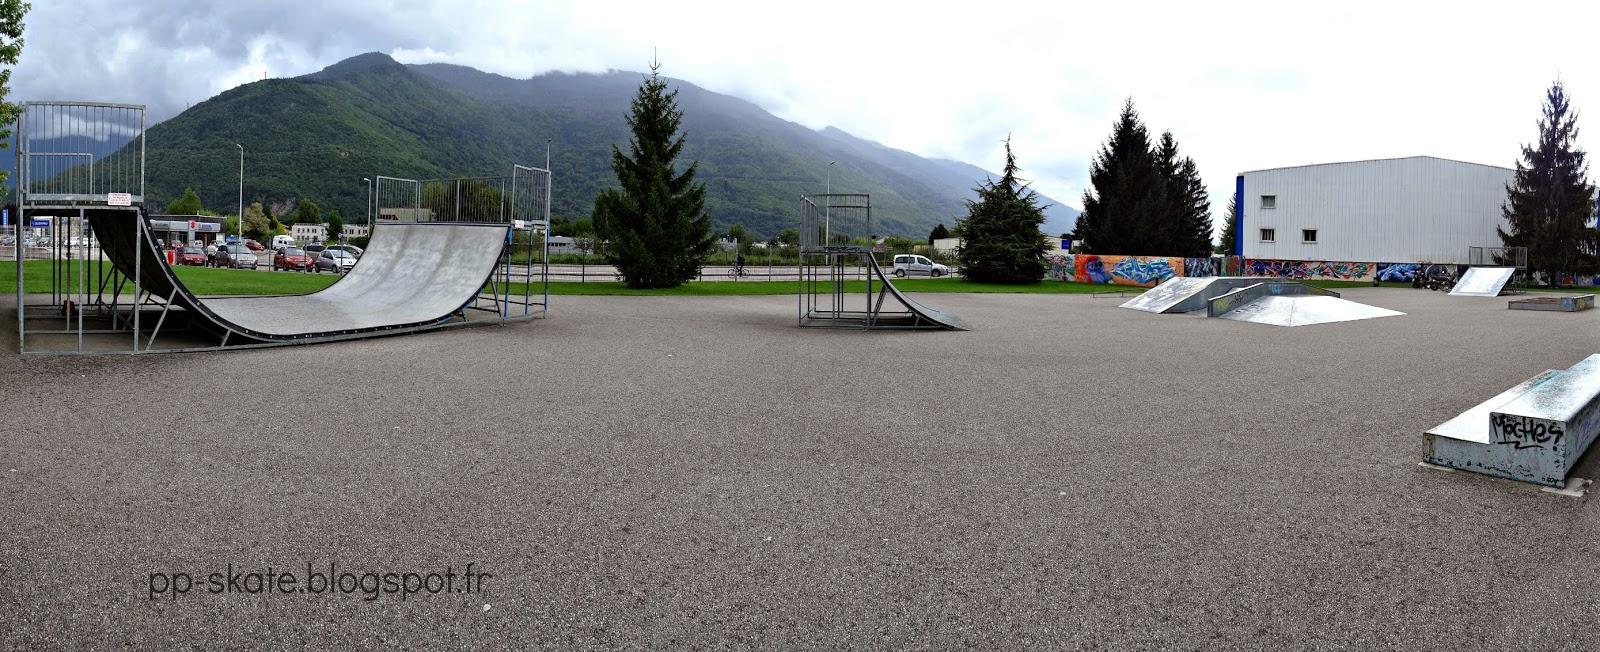 skatepark albertville